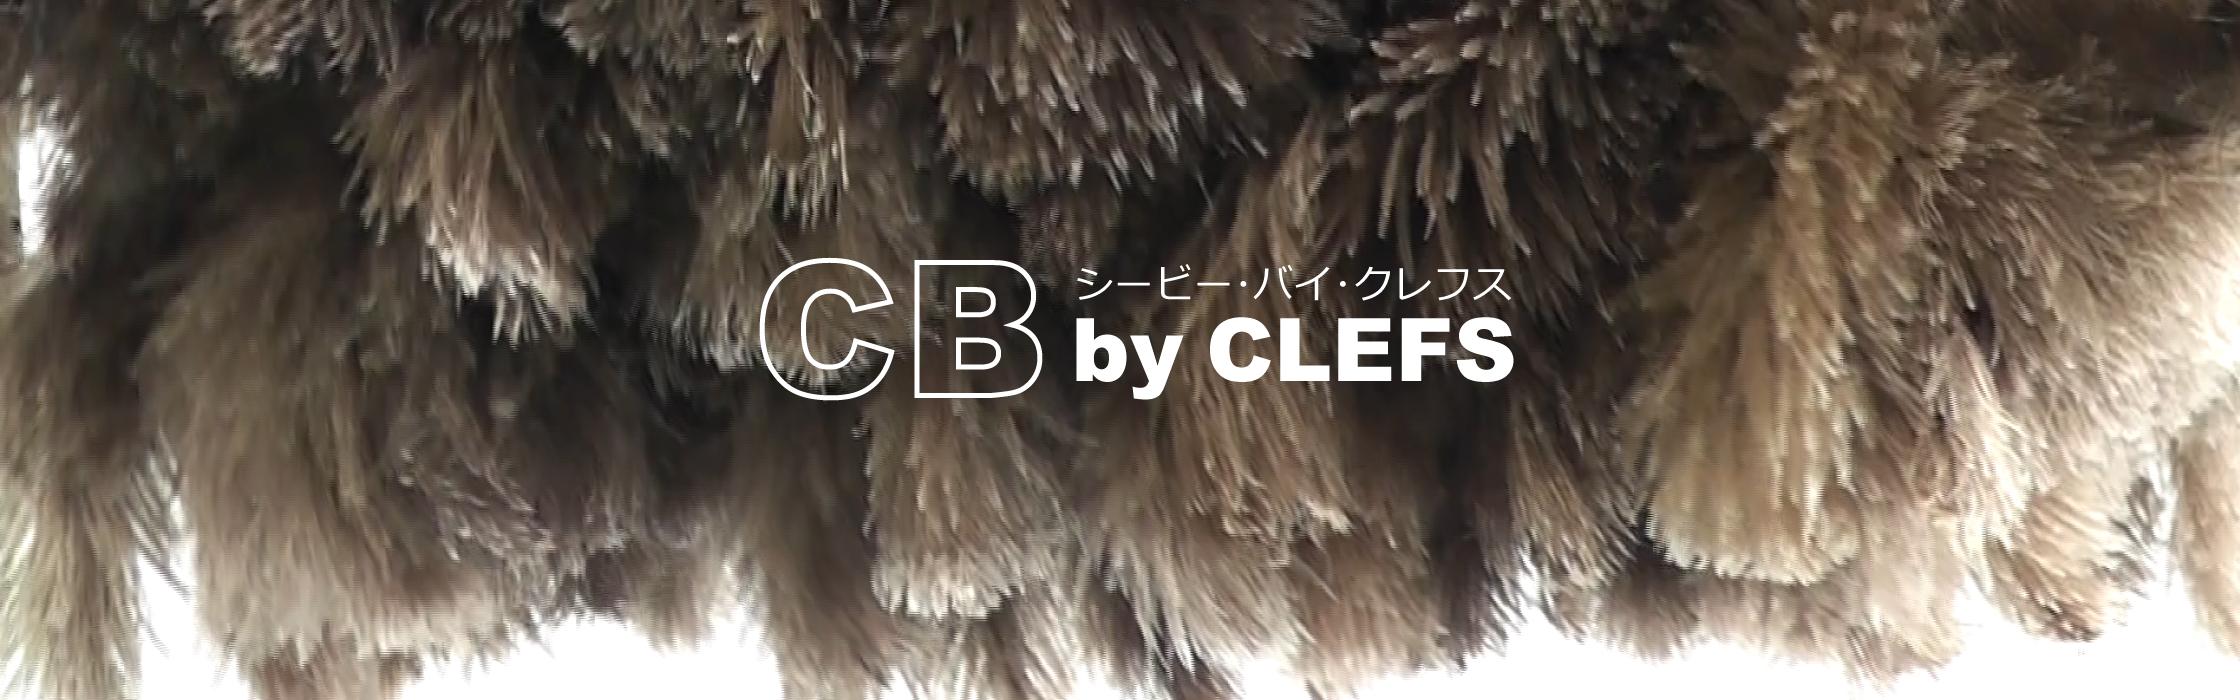 オーストリッチ毛ばたき CB by CLEFS(シービー)